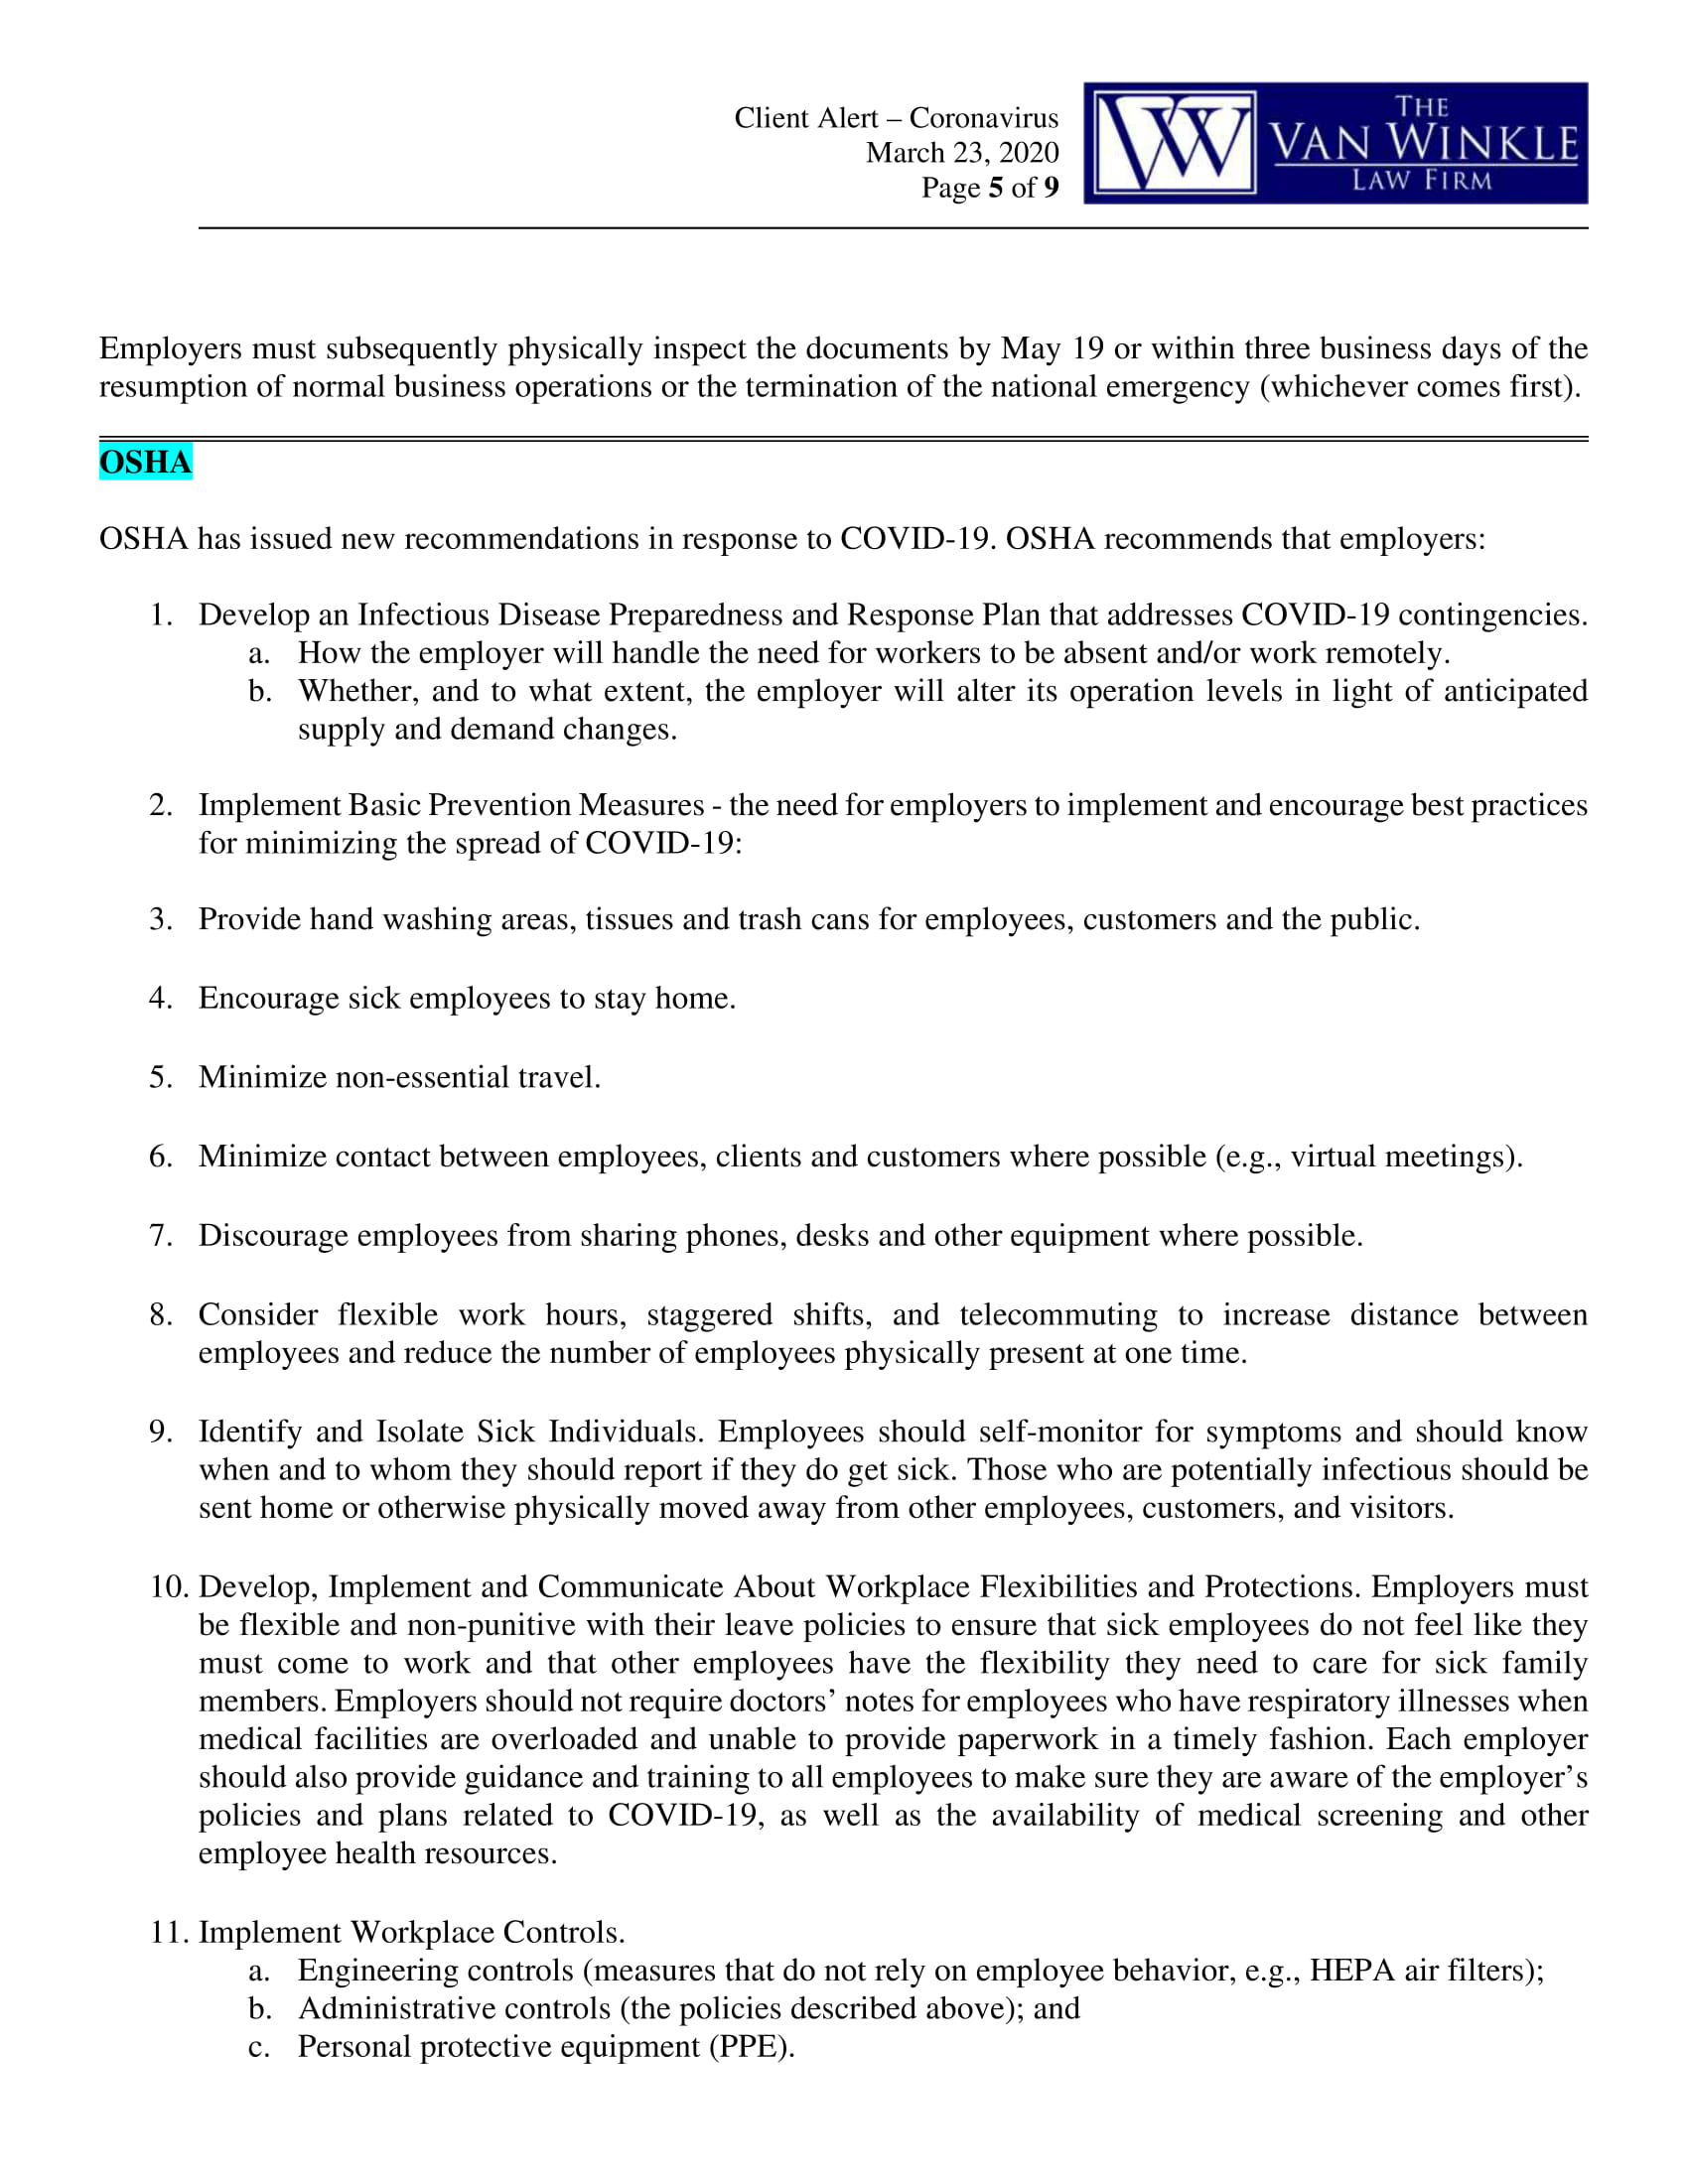 North Carolina's Executive Order Page 5